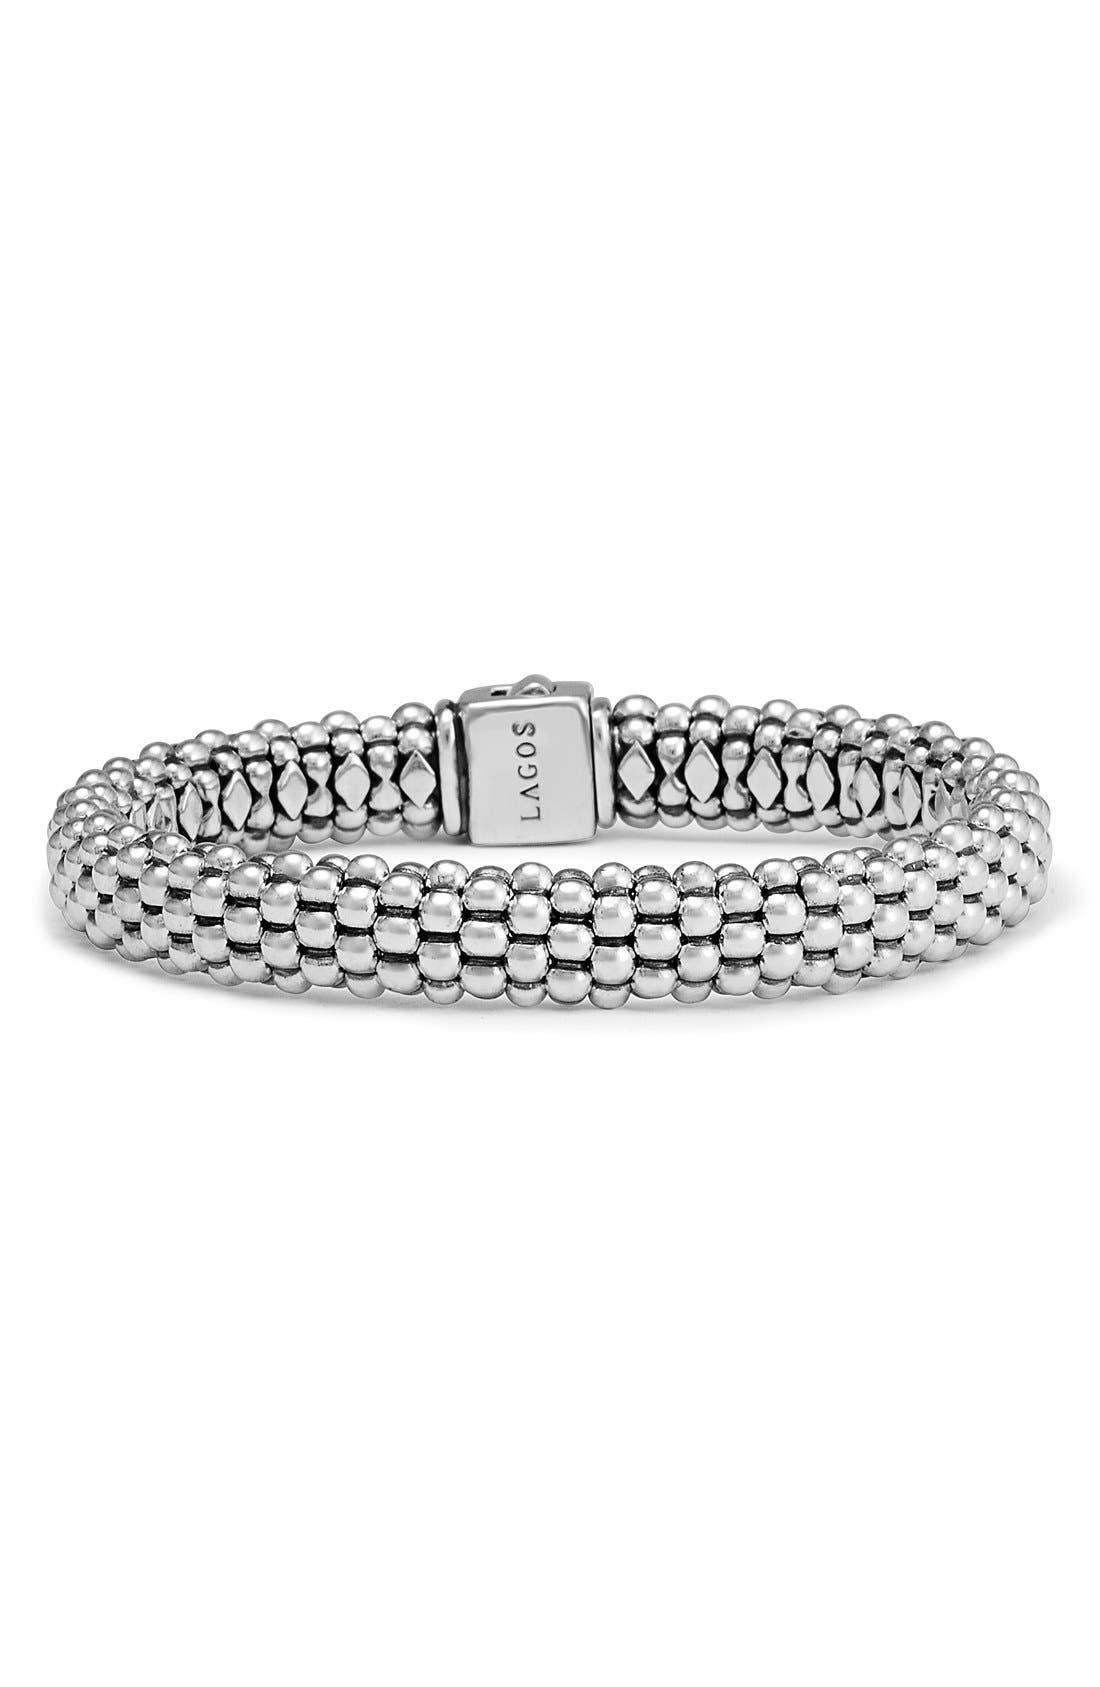 Main Image - LAGOS Caviar Rope Bracelet